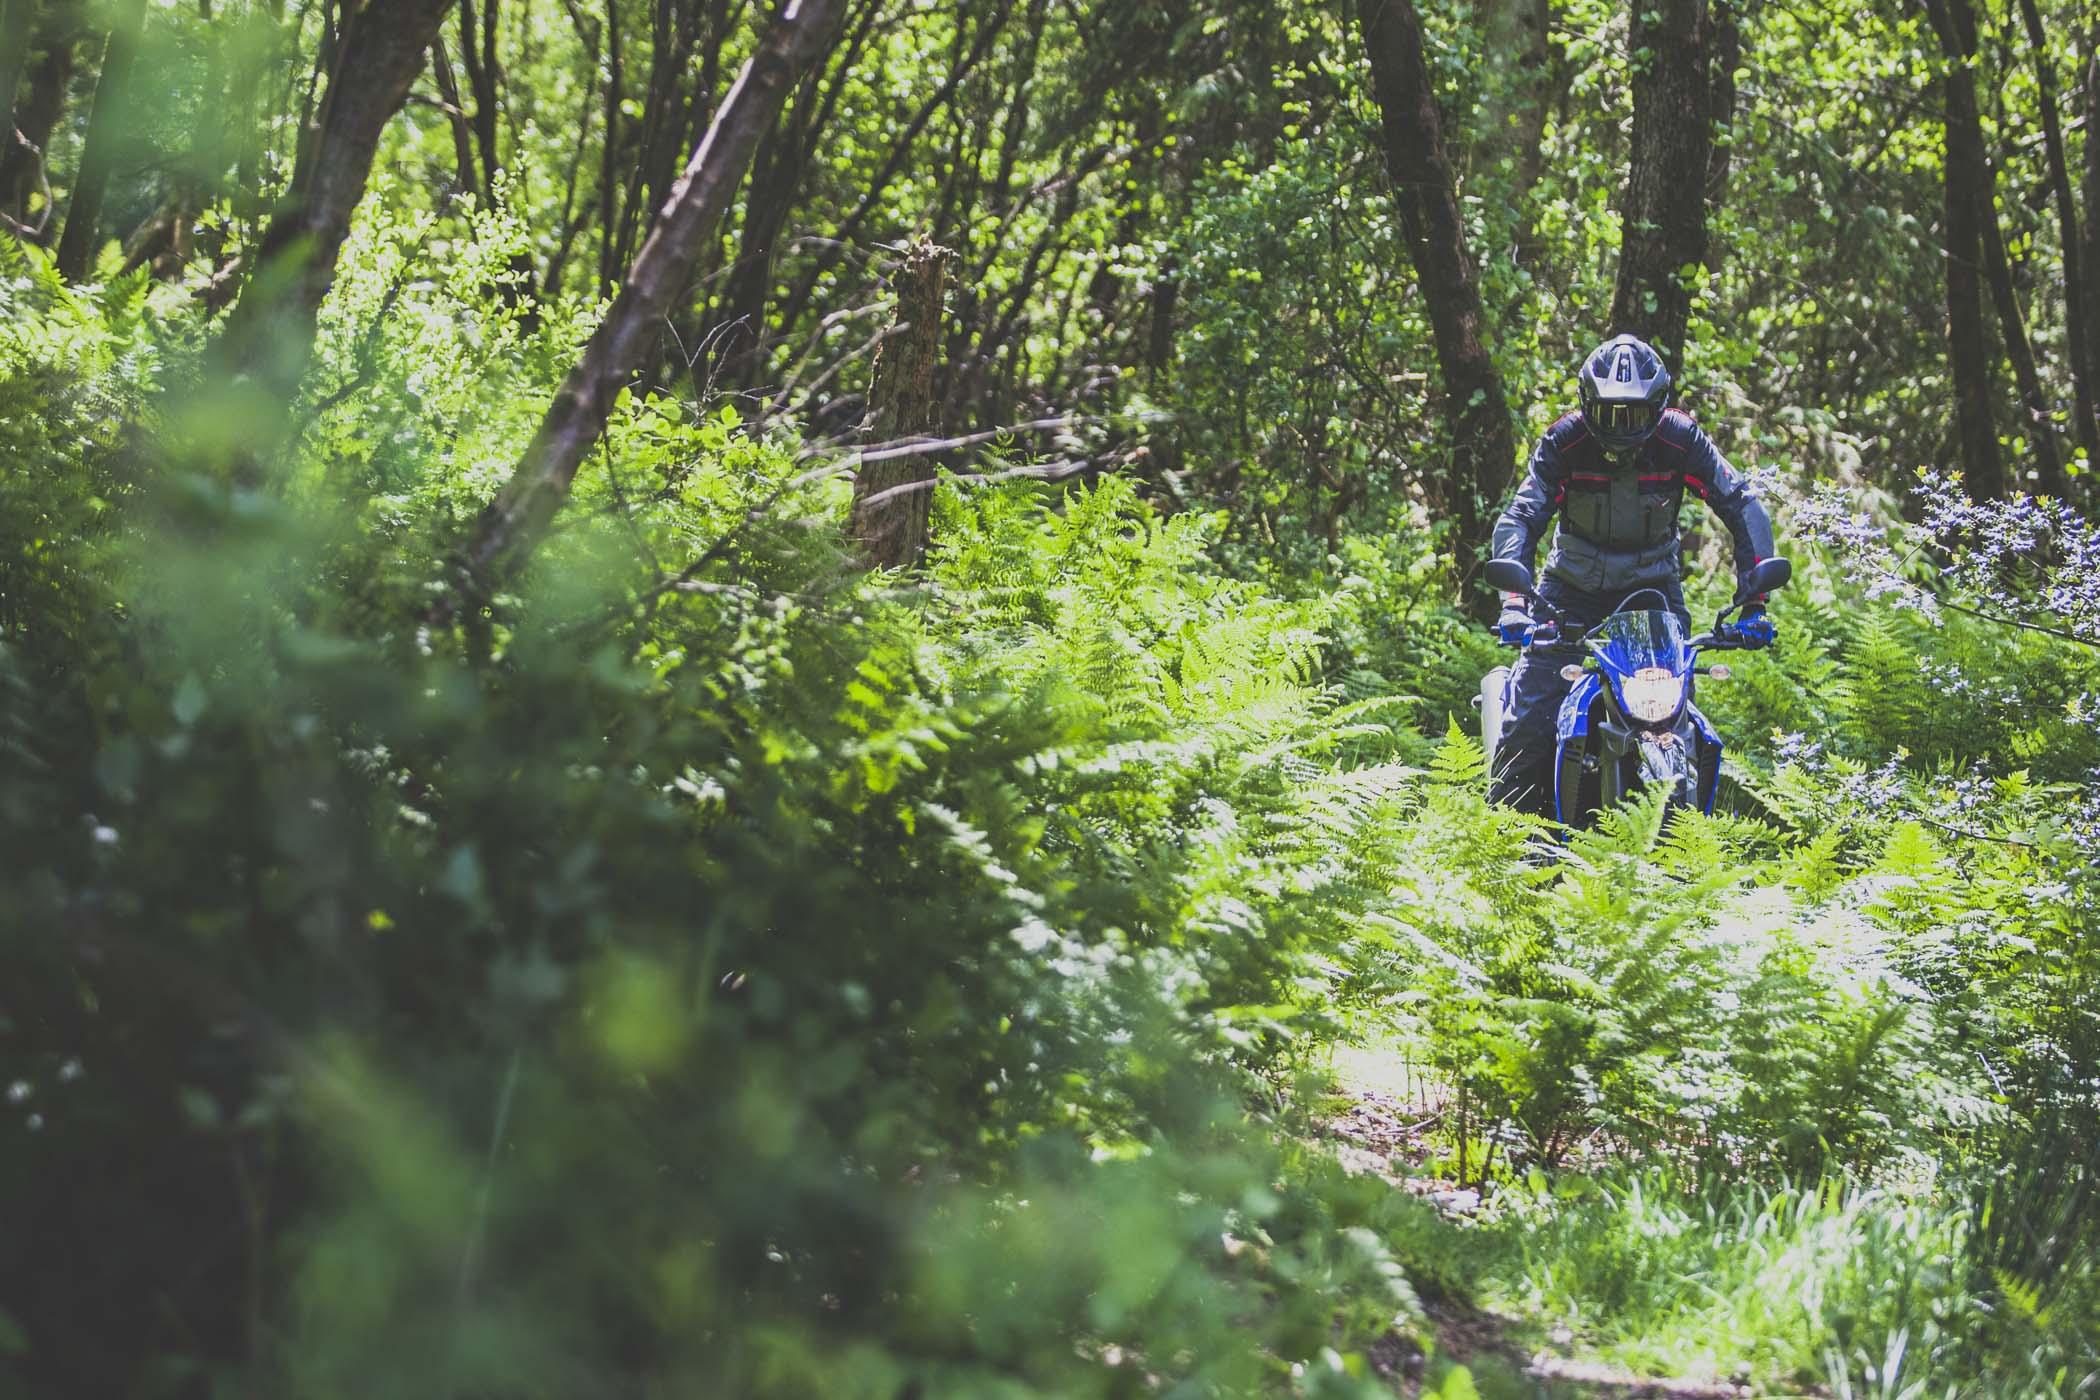 2015 suzuki v strom 1000 adventure review